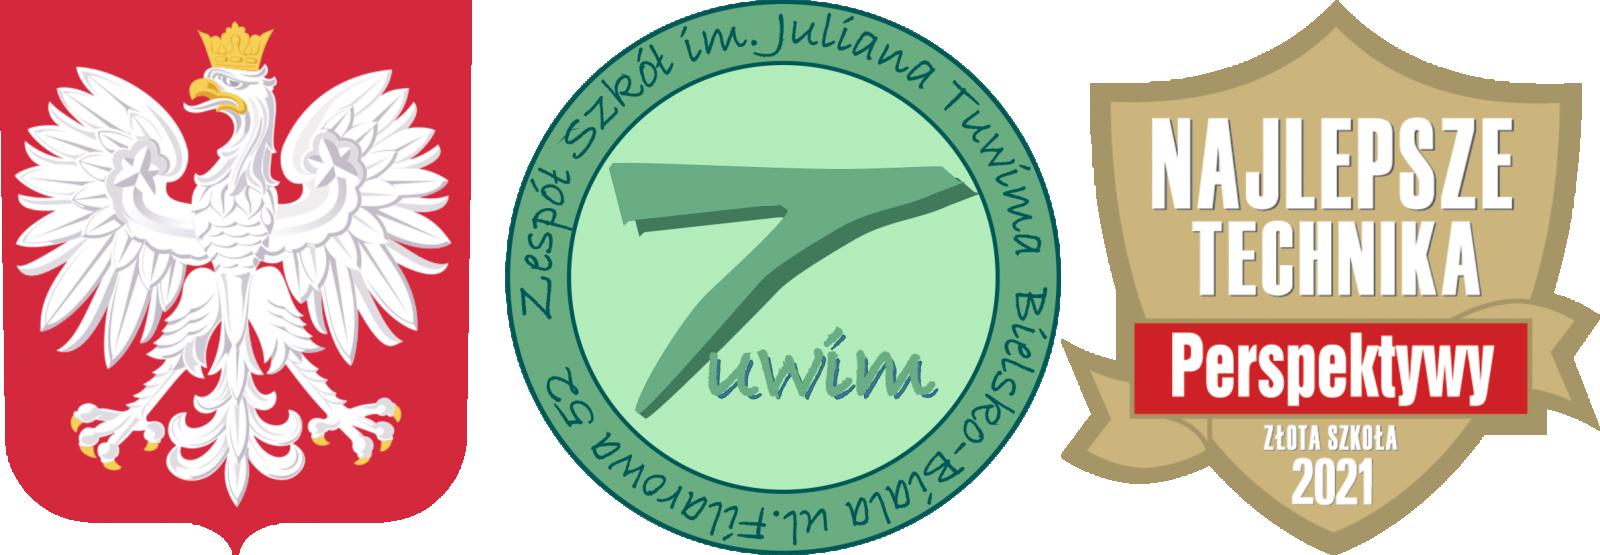 Logo szkoły Zespół Szkół im. Juliana Tuwima w Bielsku-Białej